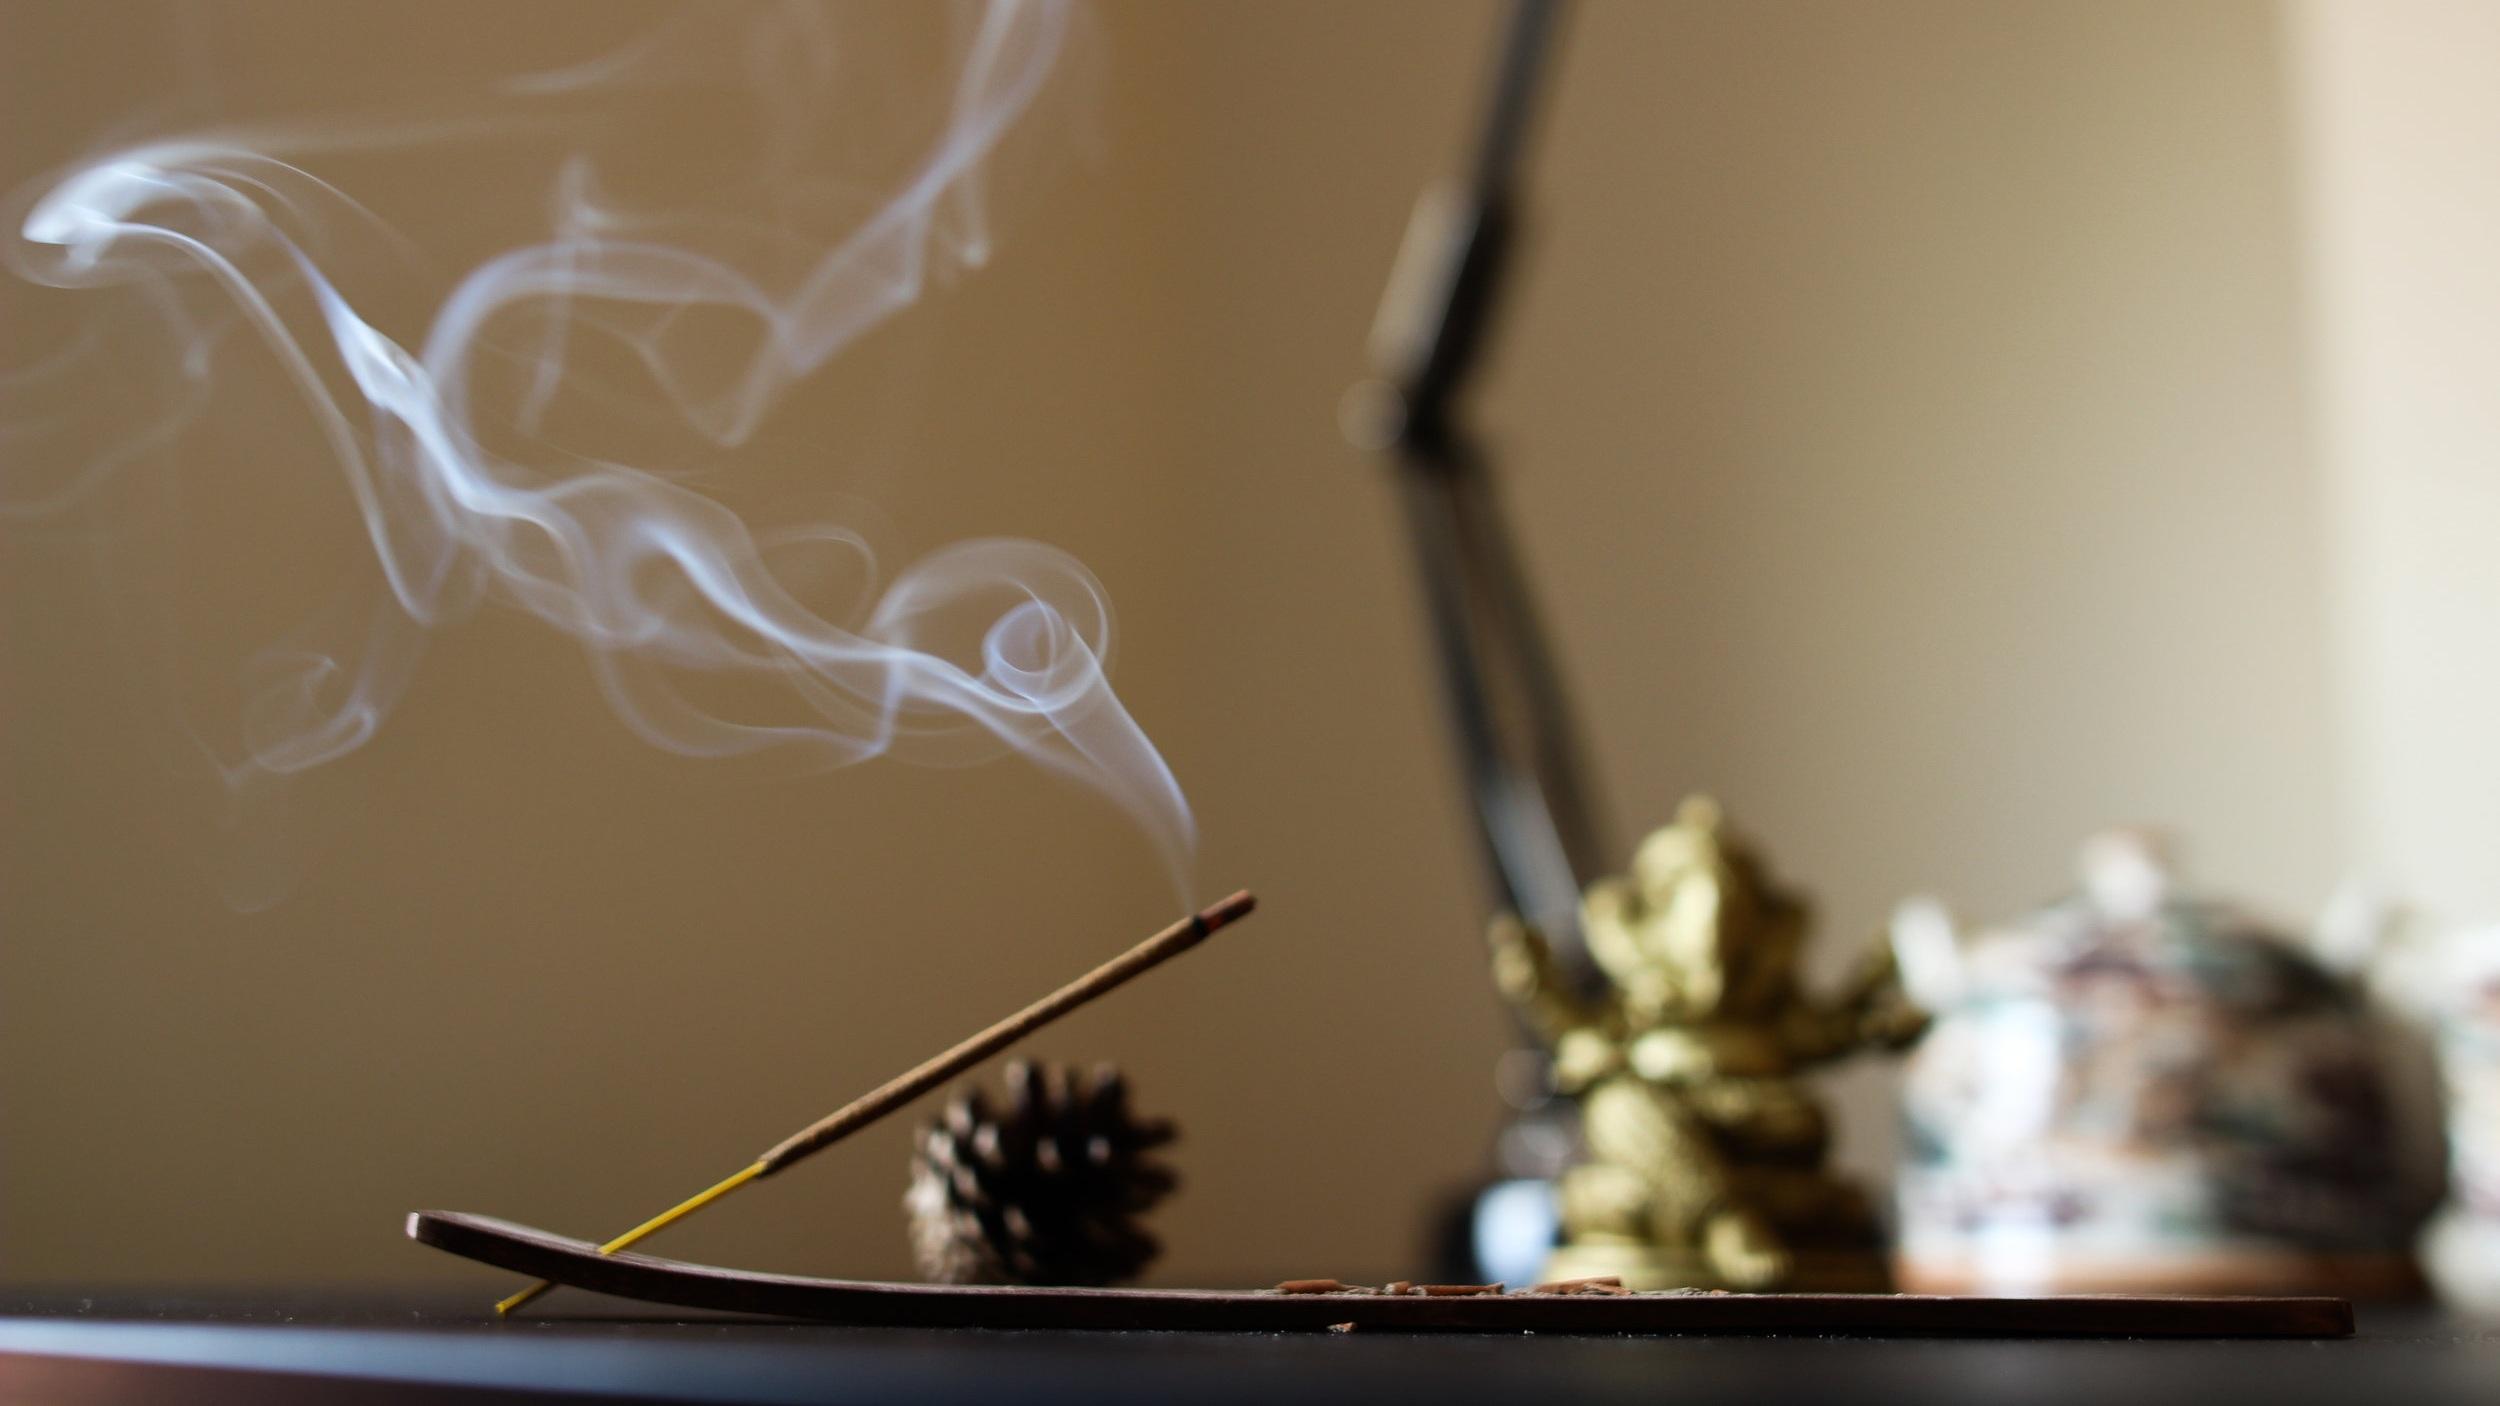 tehnici de mindfulness contra stresului